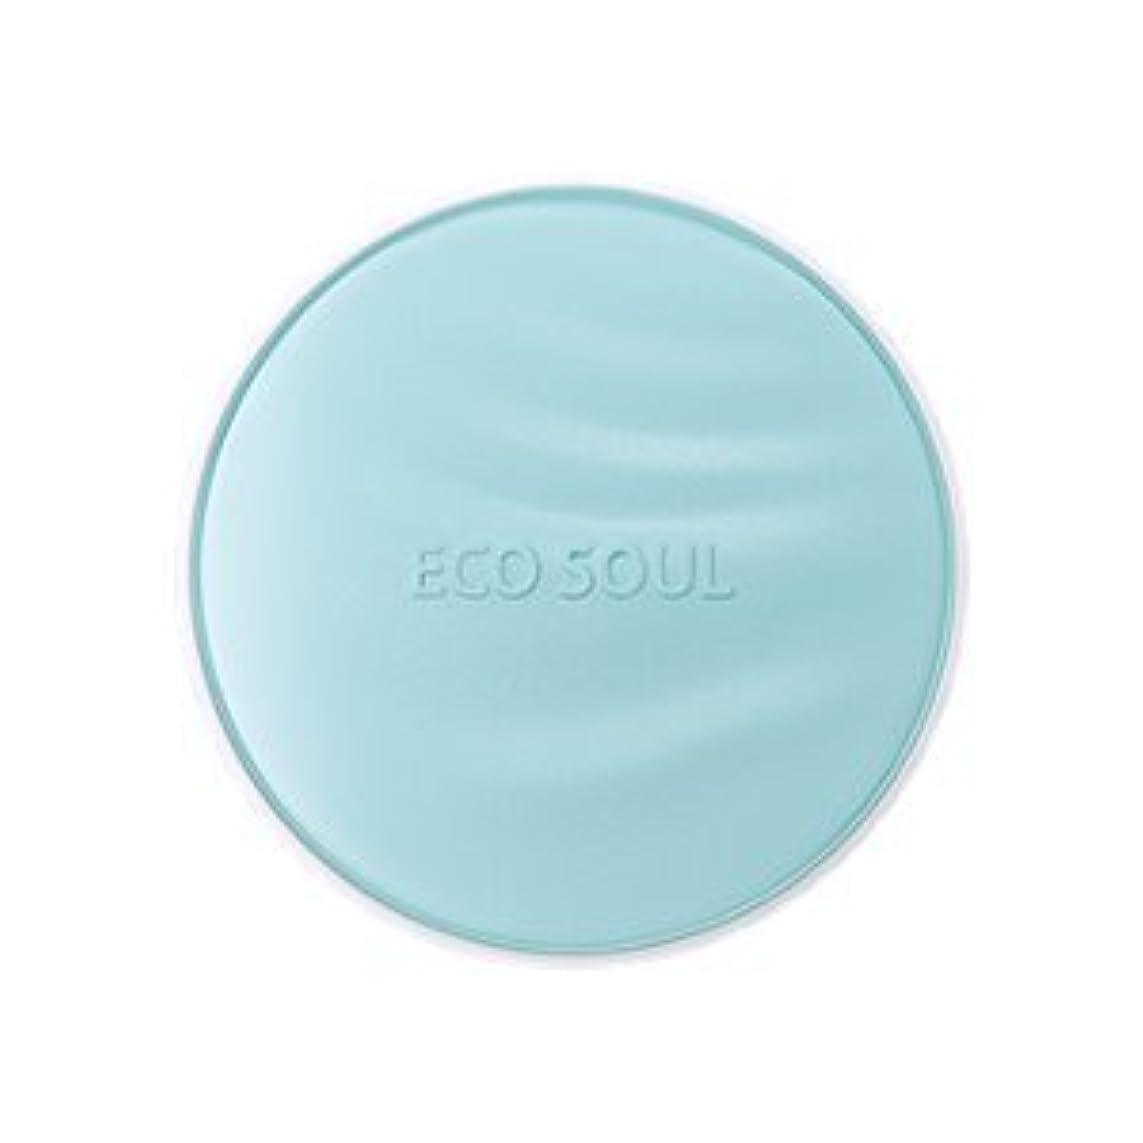 非武装化リハーサル遠征[New] the SAEM Eco Soul Essence Cushion * Matt Longwear * 15g/ザセム エコ ソウル エッセンス クッション * マット ロングウェア * 15g (#23)...